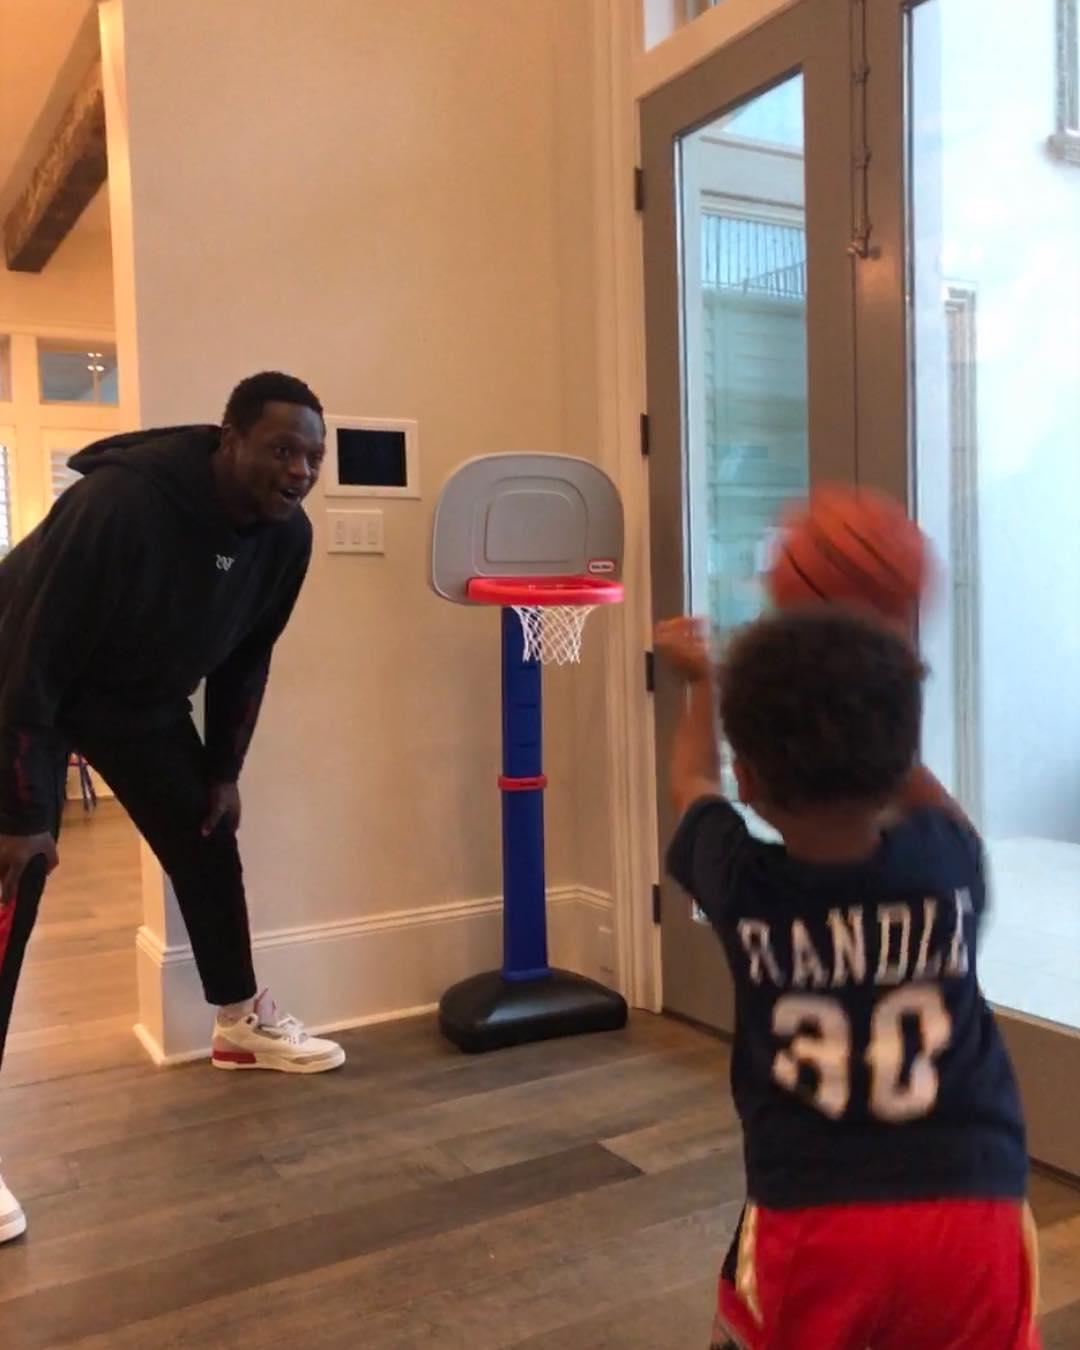 使人羡慕!兰德尔与儿子在家中玩儿童篮球